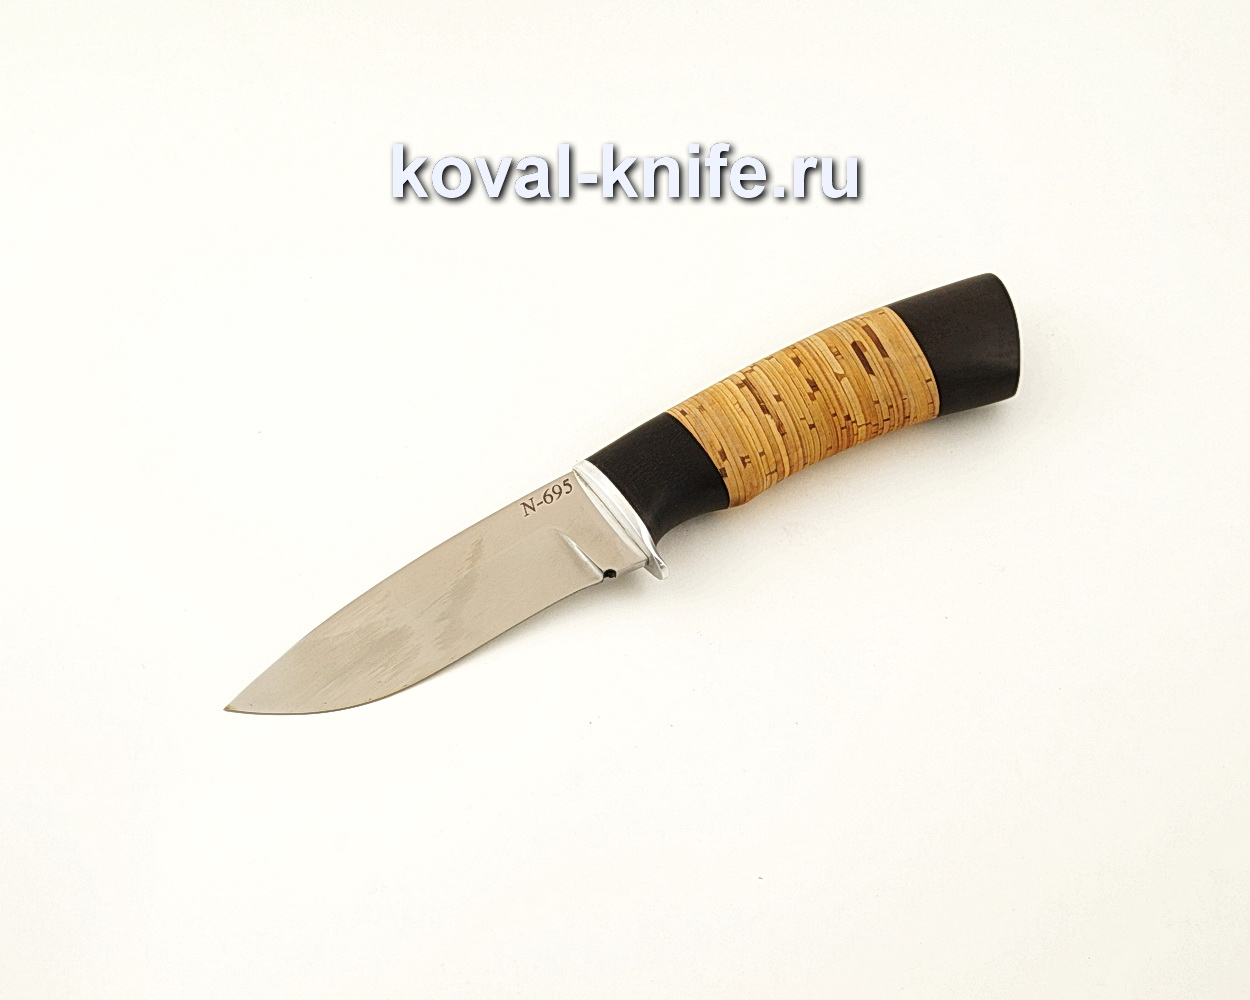 Нож Сапсан из нержавеющей стали Bohler N695 с рукоятью из бересты  A649